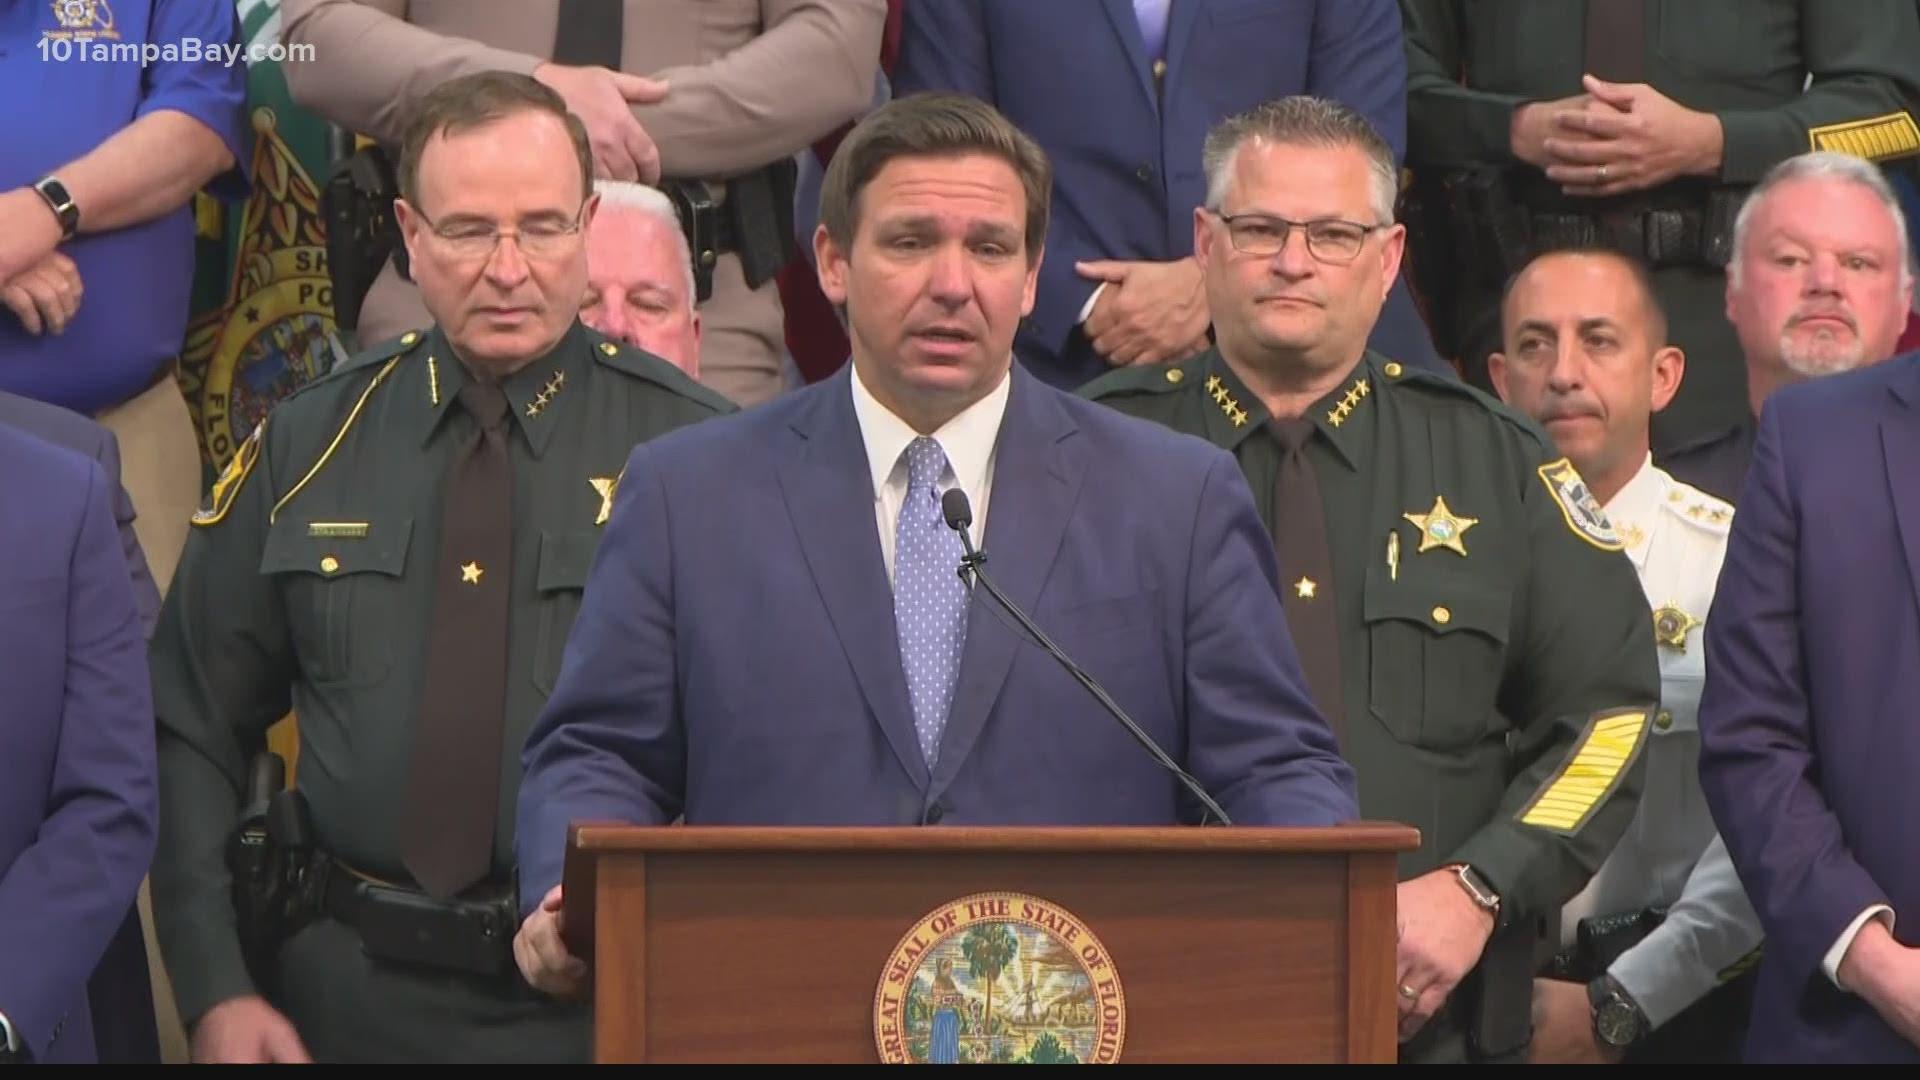 Los republicanos de Florida firman a la ley delitos contras manifestantes, críticos dicen que es inconstitucional